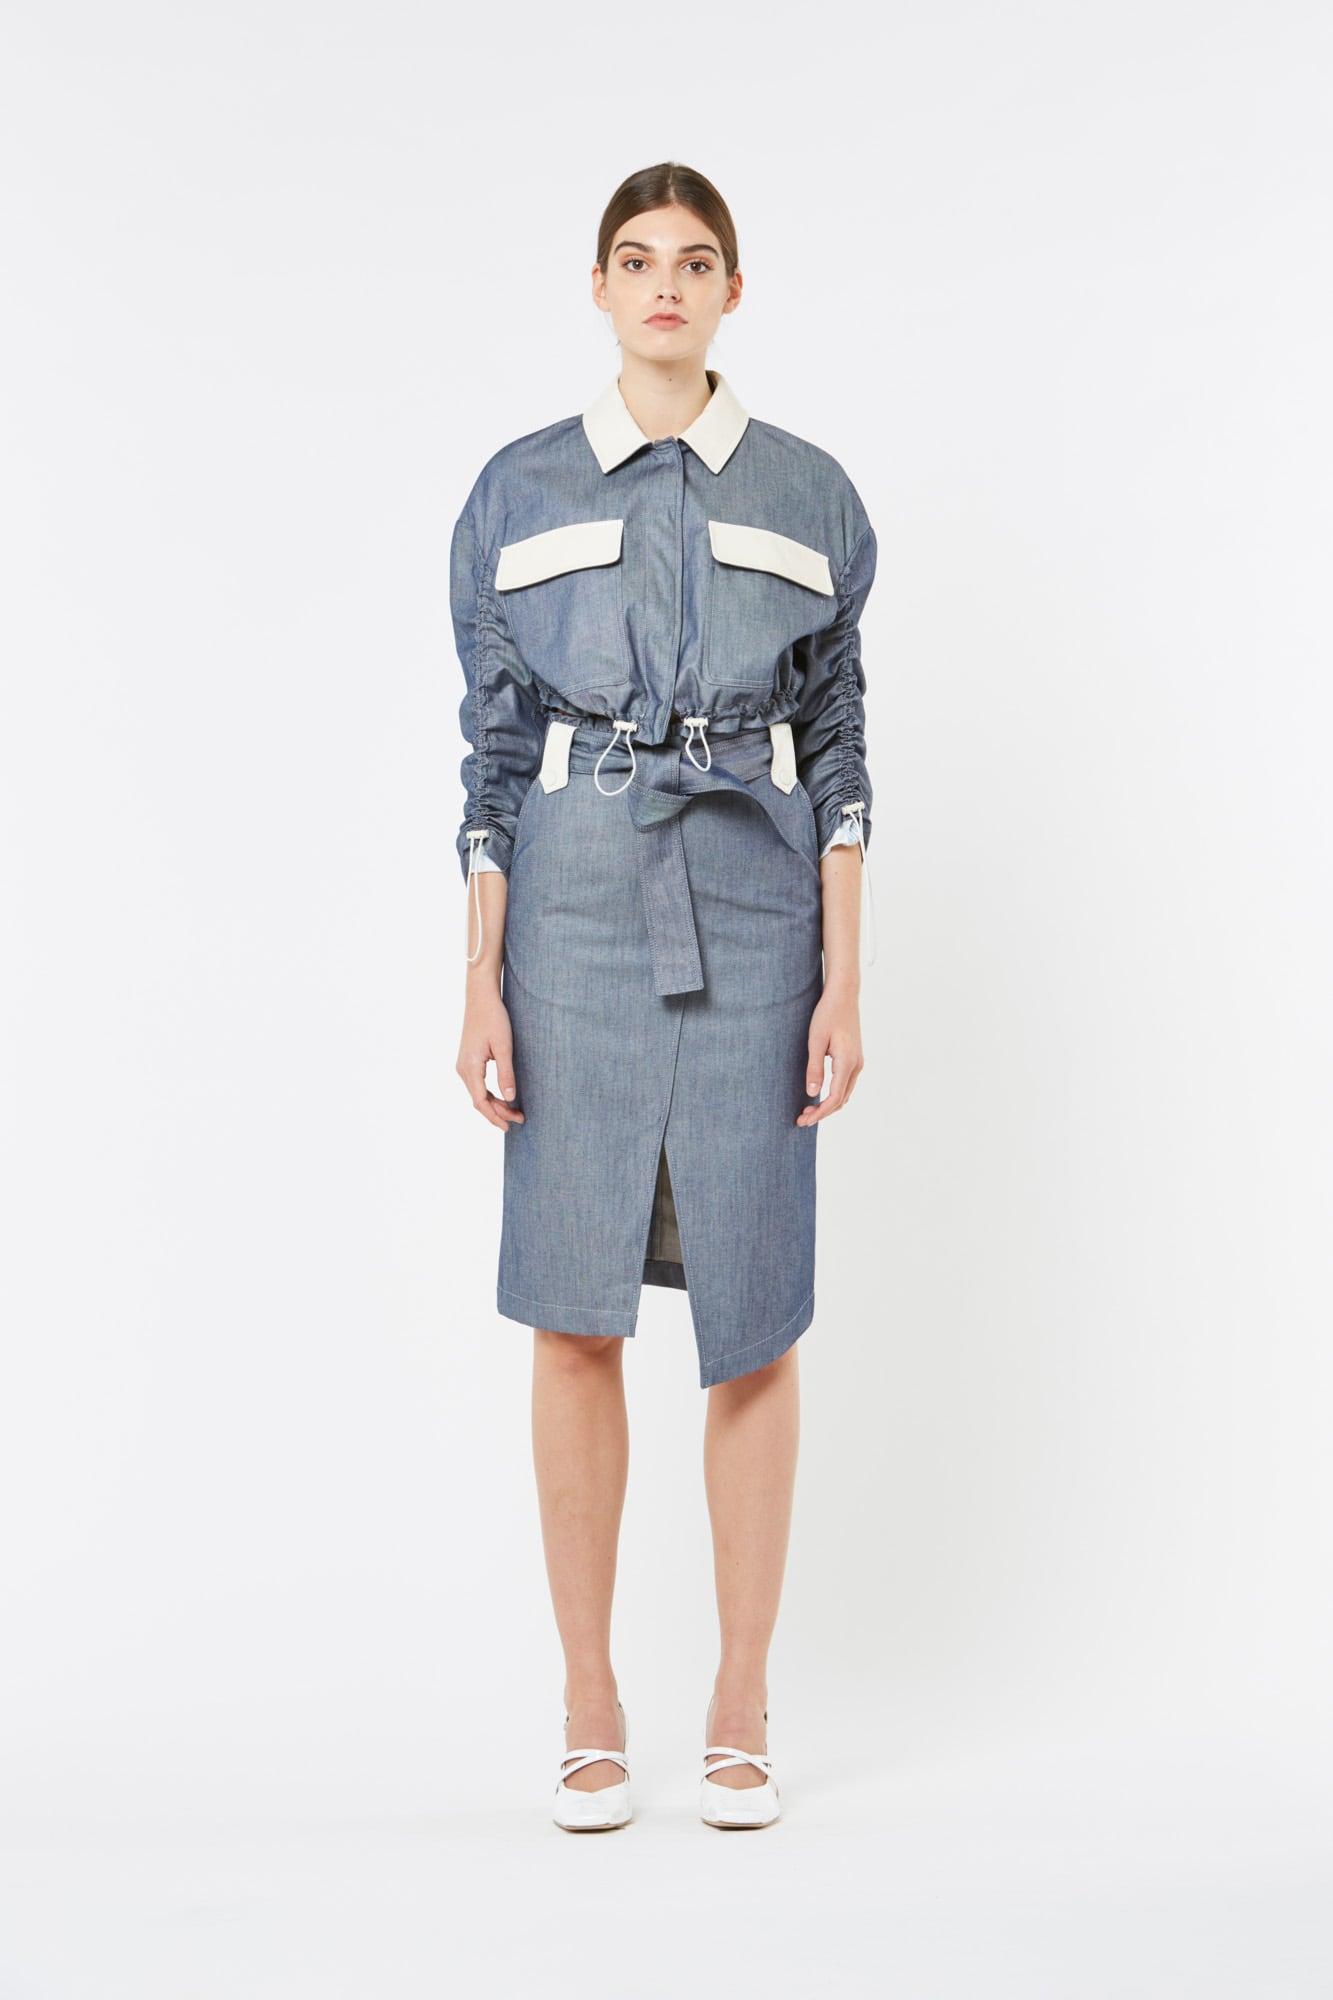 Denim Short Jacket with Leather Details